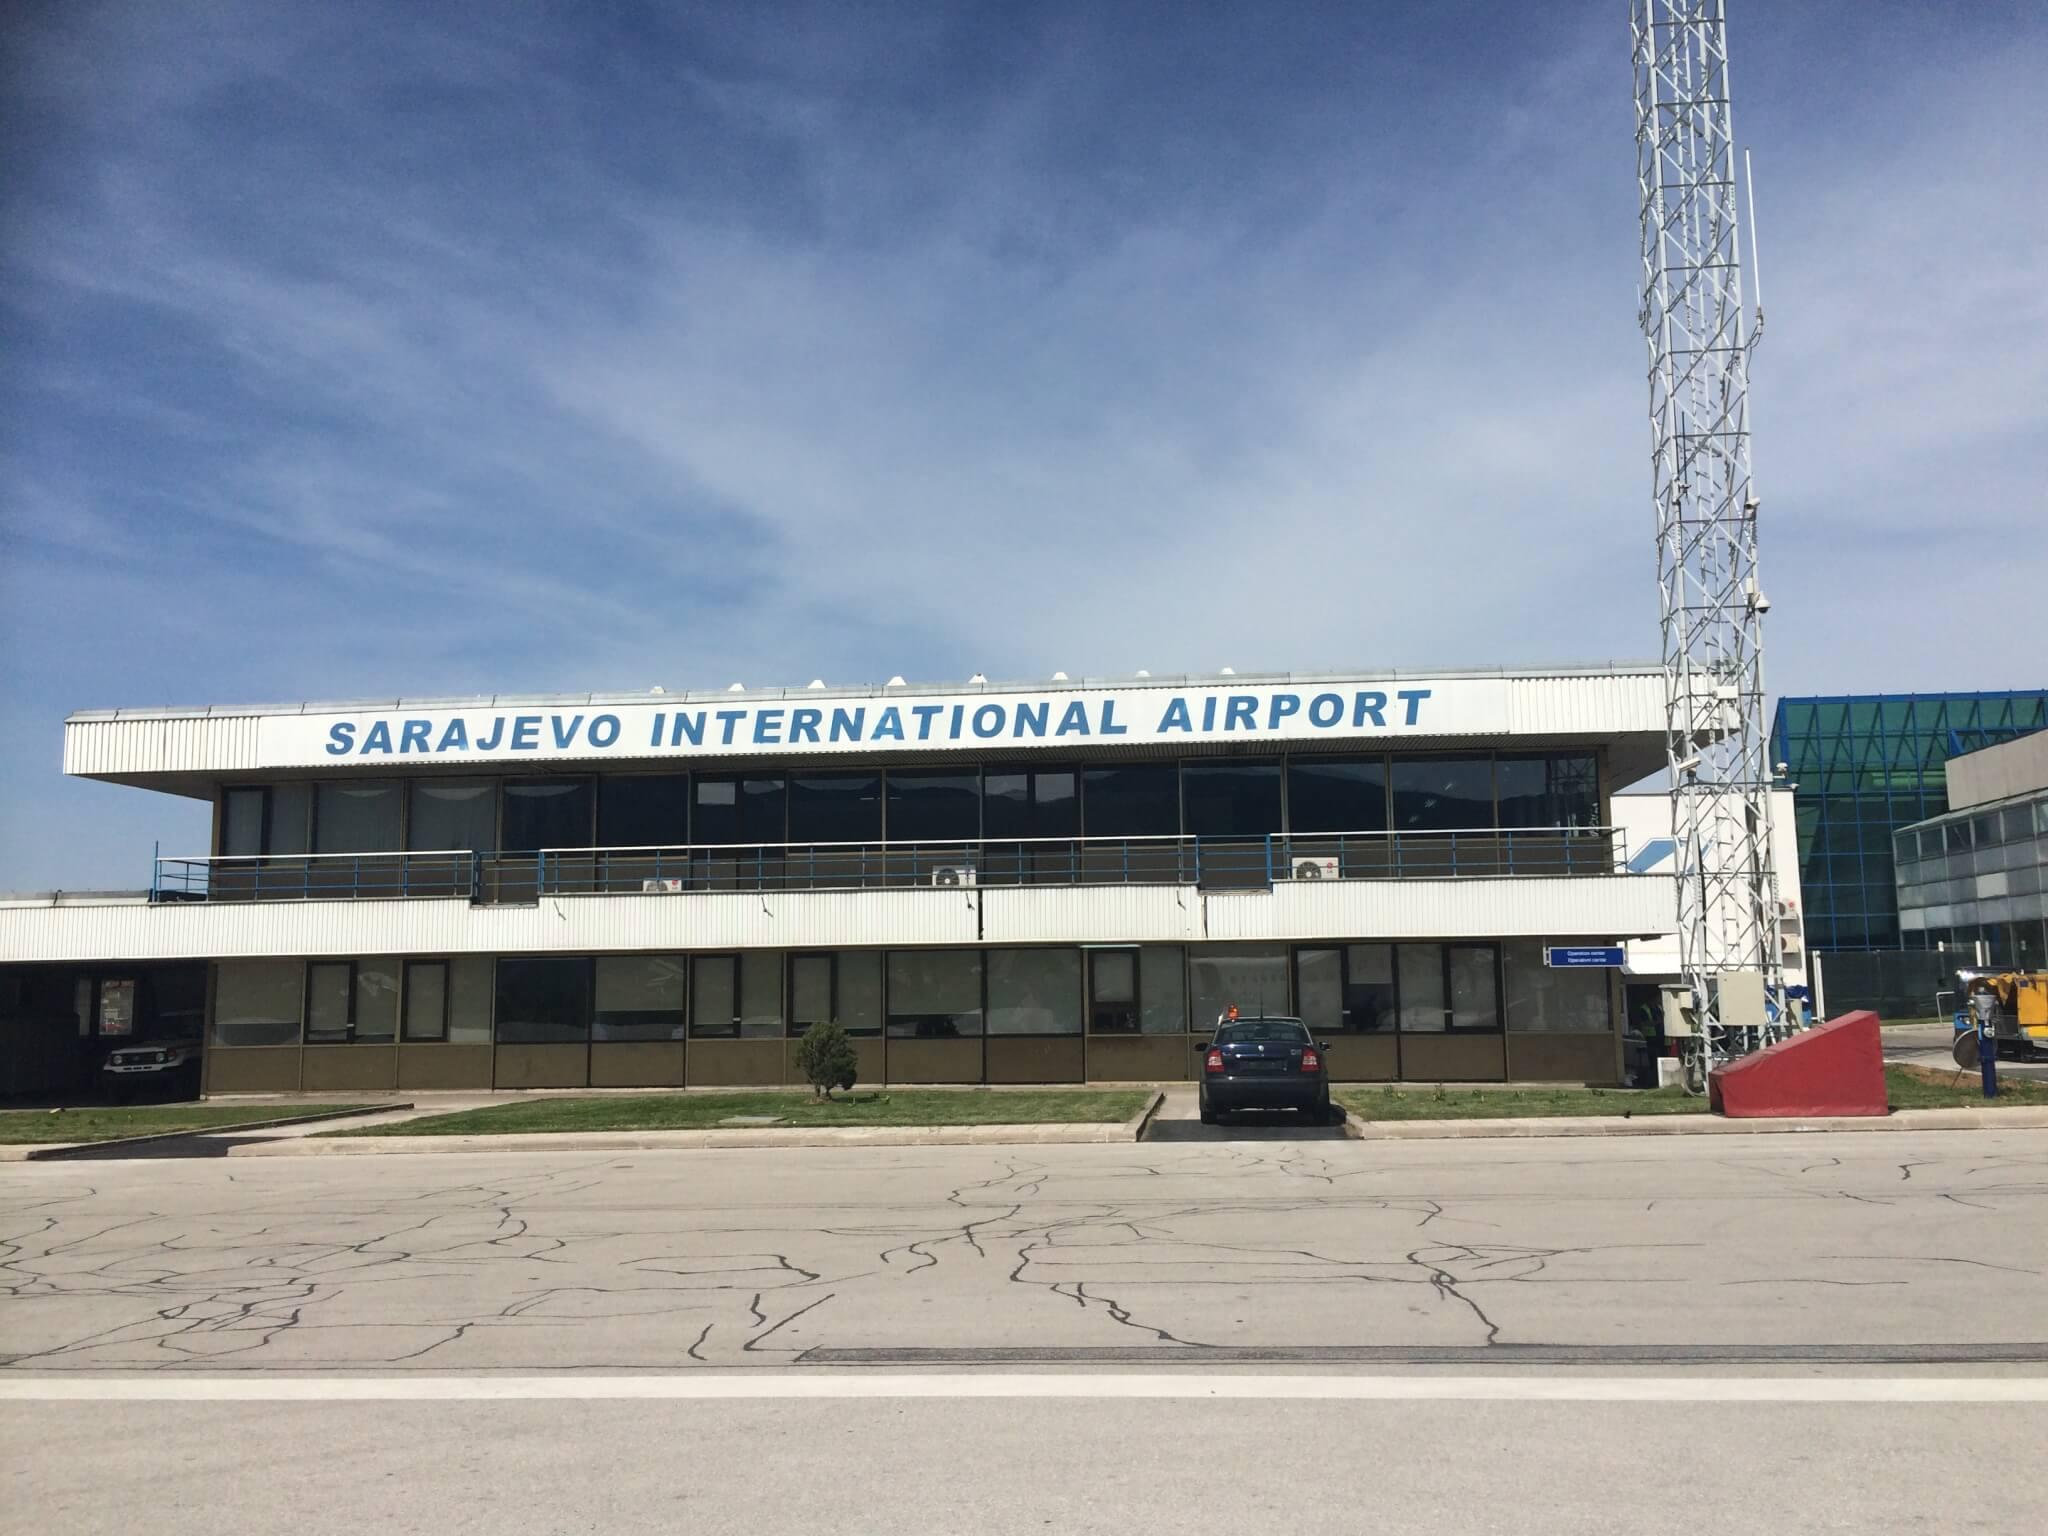 Sarajevo International Airport (SJJ)